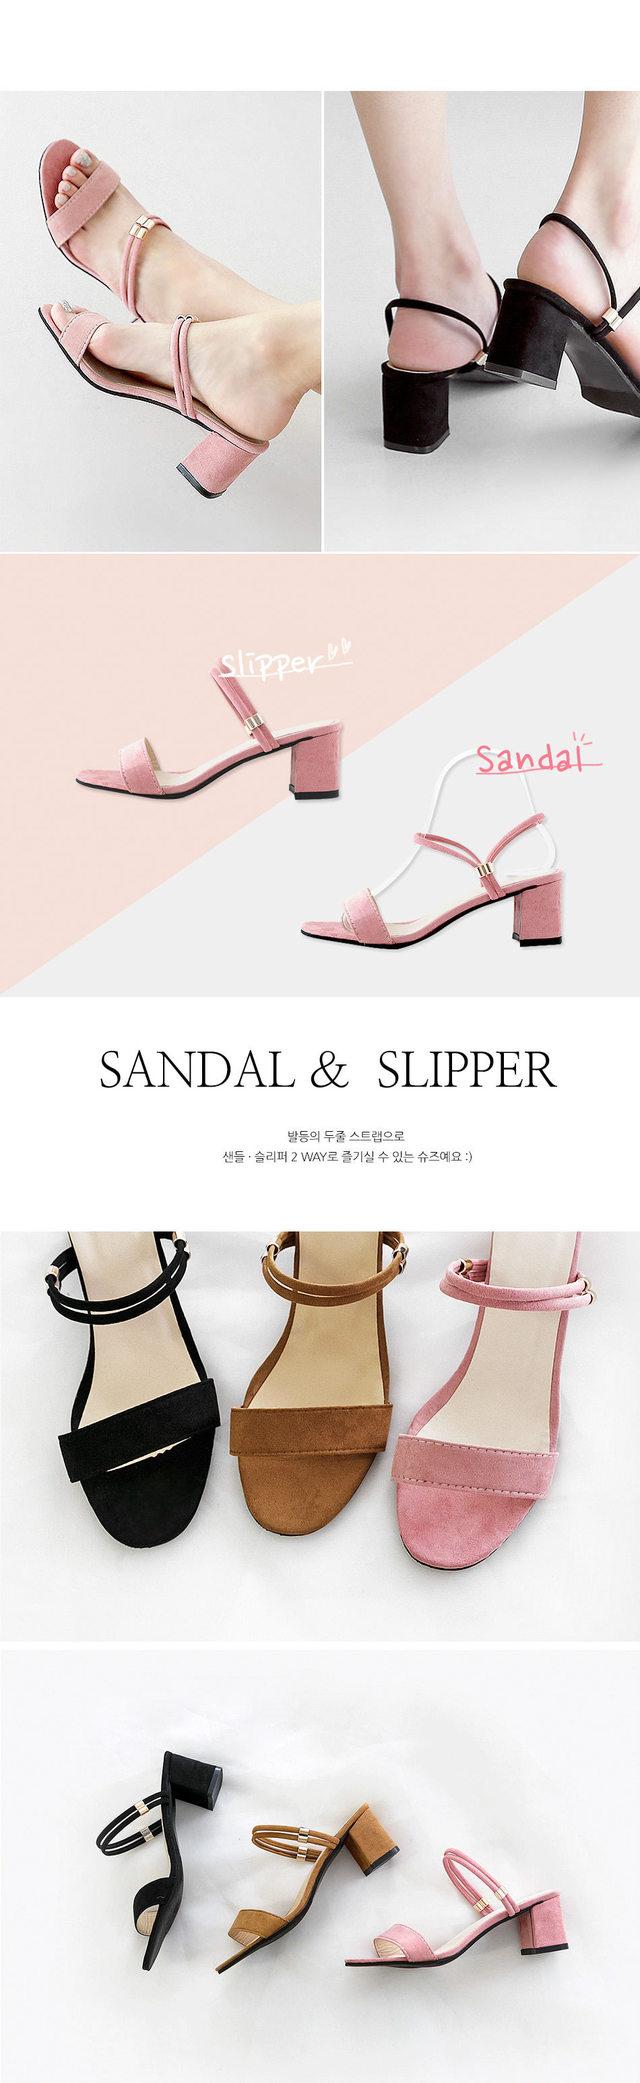 Ballon sandals & slippers 5.5cm